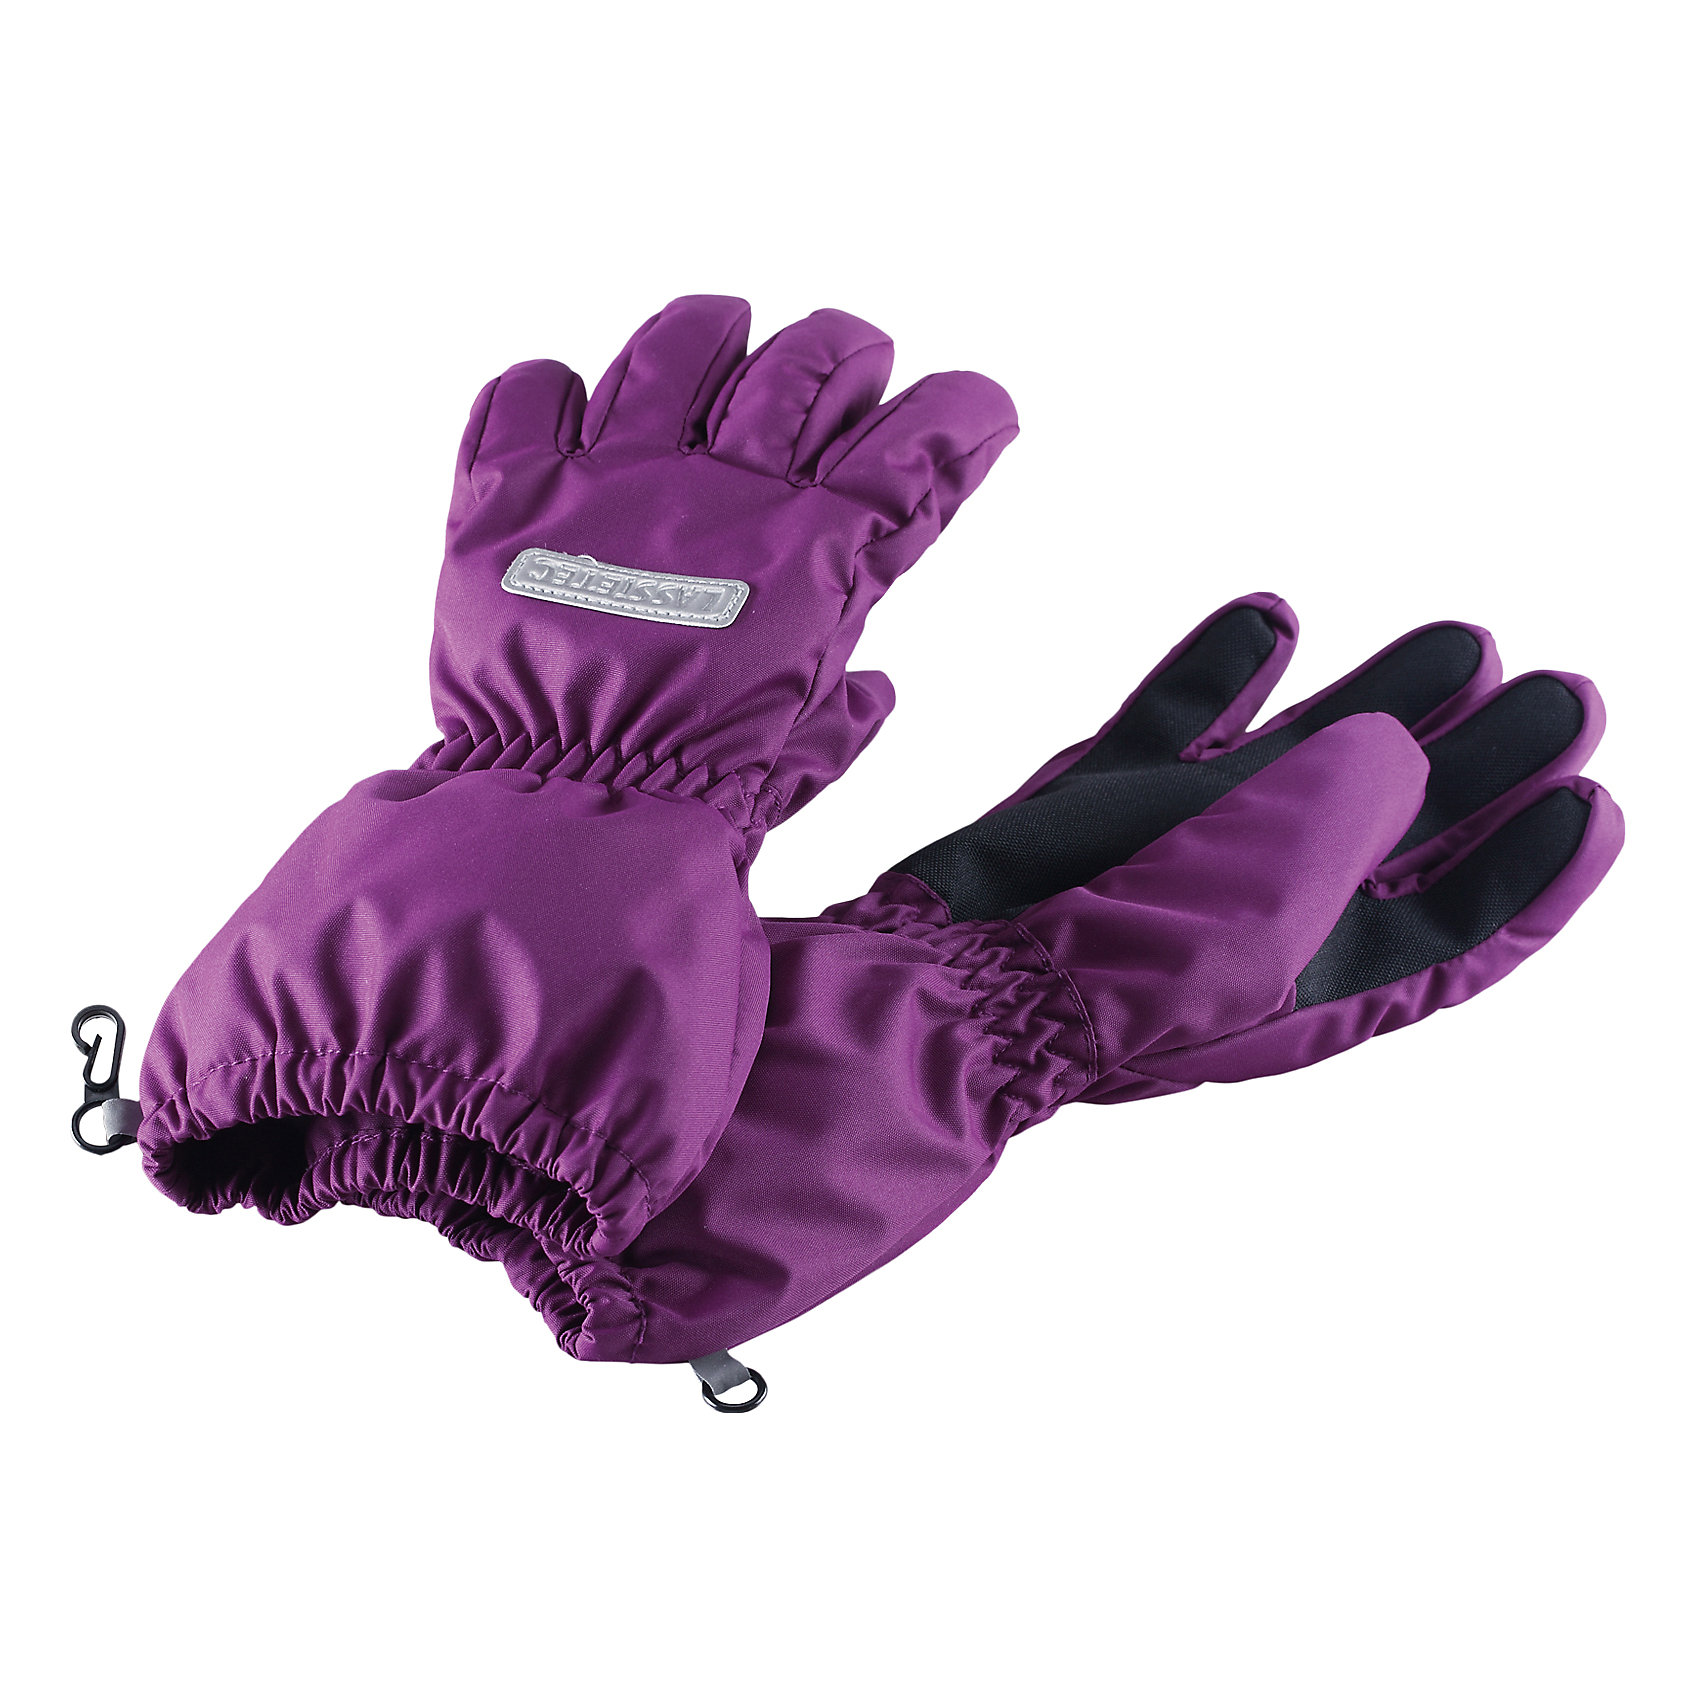 Перчатки LASSIEЗимние перчатки для детей Lassietec®.<br><br>- Водонепроницаемая вставка. Водо- и ветронепроницаемый «дышащий» материал. <br>- Накладки на ладонях и больших пальцах.<br>- Подкладка из полиэстера с начесом.<br>- Средняя степень утепления. <br>- Светоотражающая эмблема Lassie®.  <br><br>Рекомендации по уходу: Полоскать без специального средства. Сушить при низкой температуре. <br><br>Состав: 100% Полиамид, полиуретановое покрытие.  Утеплитель «Lassie wadding» 120гр.<br><br>Ширина мм: 162<br>Глубина мм: 171<br>Высота мм: 55<br>Вес г: 119<br>Цвет: фиолетовый<br>Возраст от месяцев: 48<br>Возраст до месяцев: 72<br>Пол: Женский<br>Возраст: Детский<br>Размер: 4,6,3,5<br>SKU: 4780568